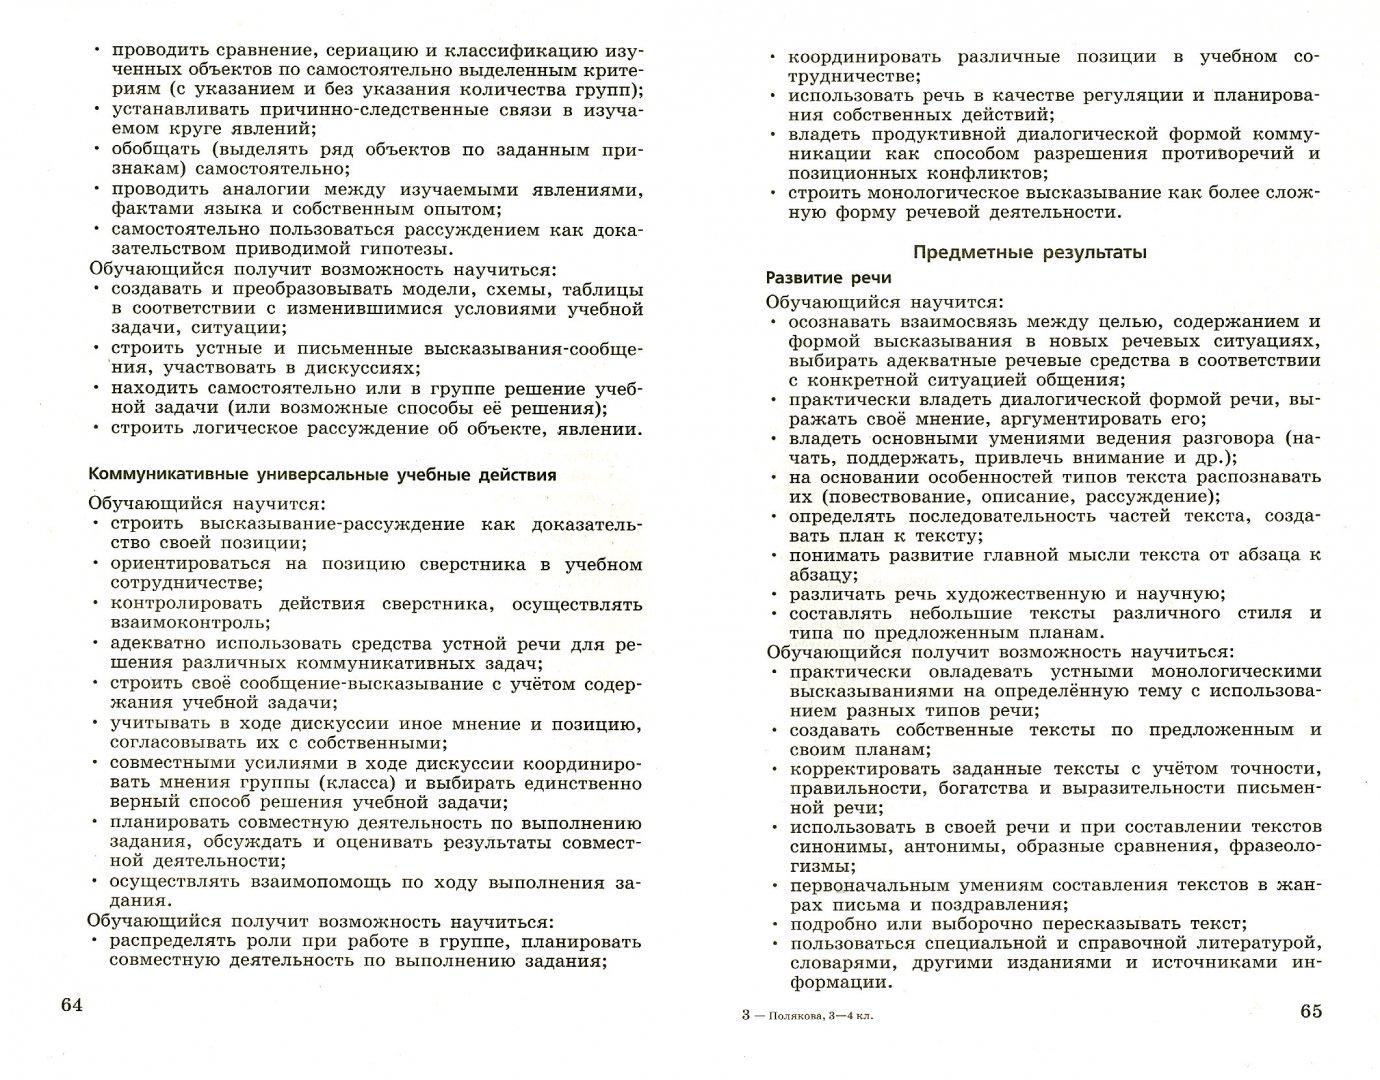 Иллюстрация 1 из 4 для Русский язык. 3-4 классы. Методические рекомендации. Пособие для учителей. ФГОС - Полякова, Песняева | Лабиринт - книги. Источник: Лабиринт